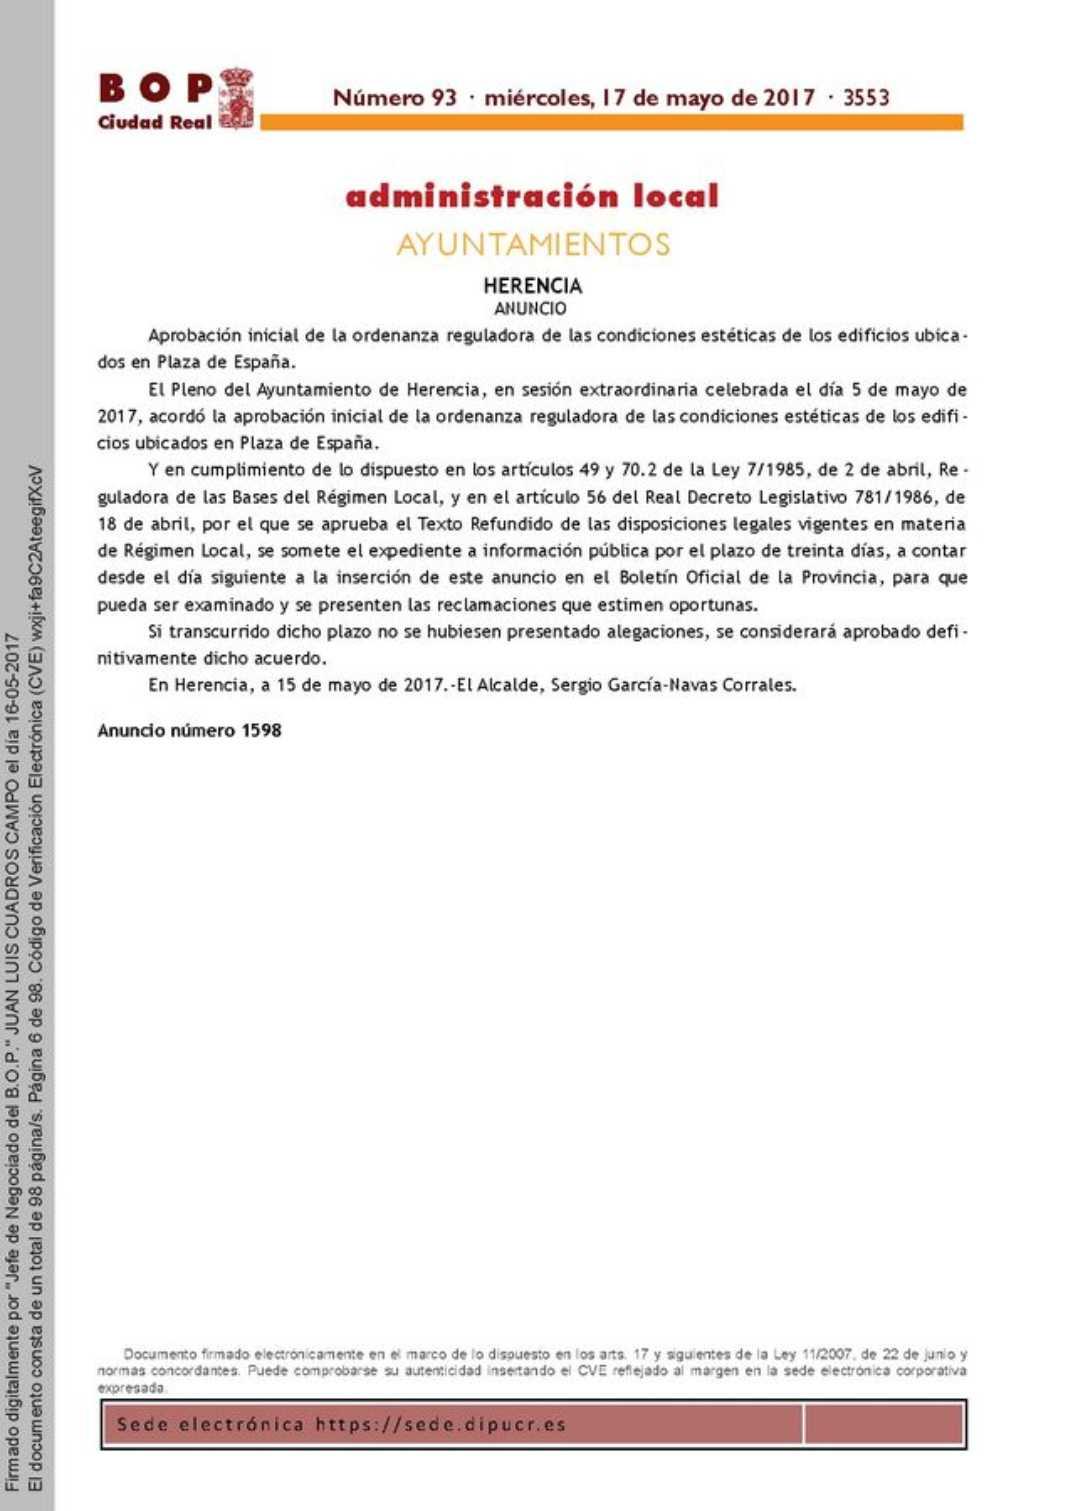 Condiciones estéticas de los edificios ubicados en la Plaza de España 2